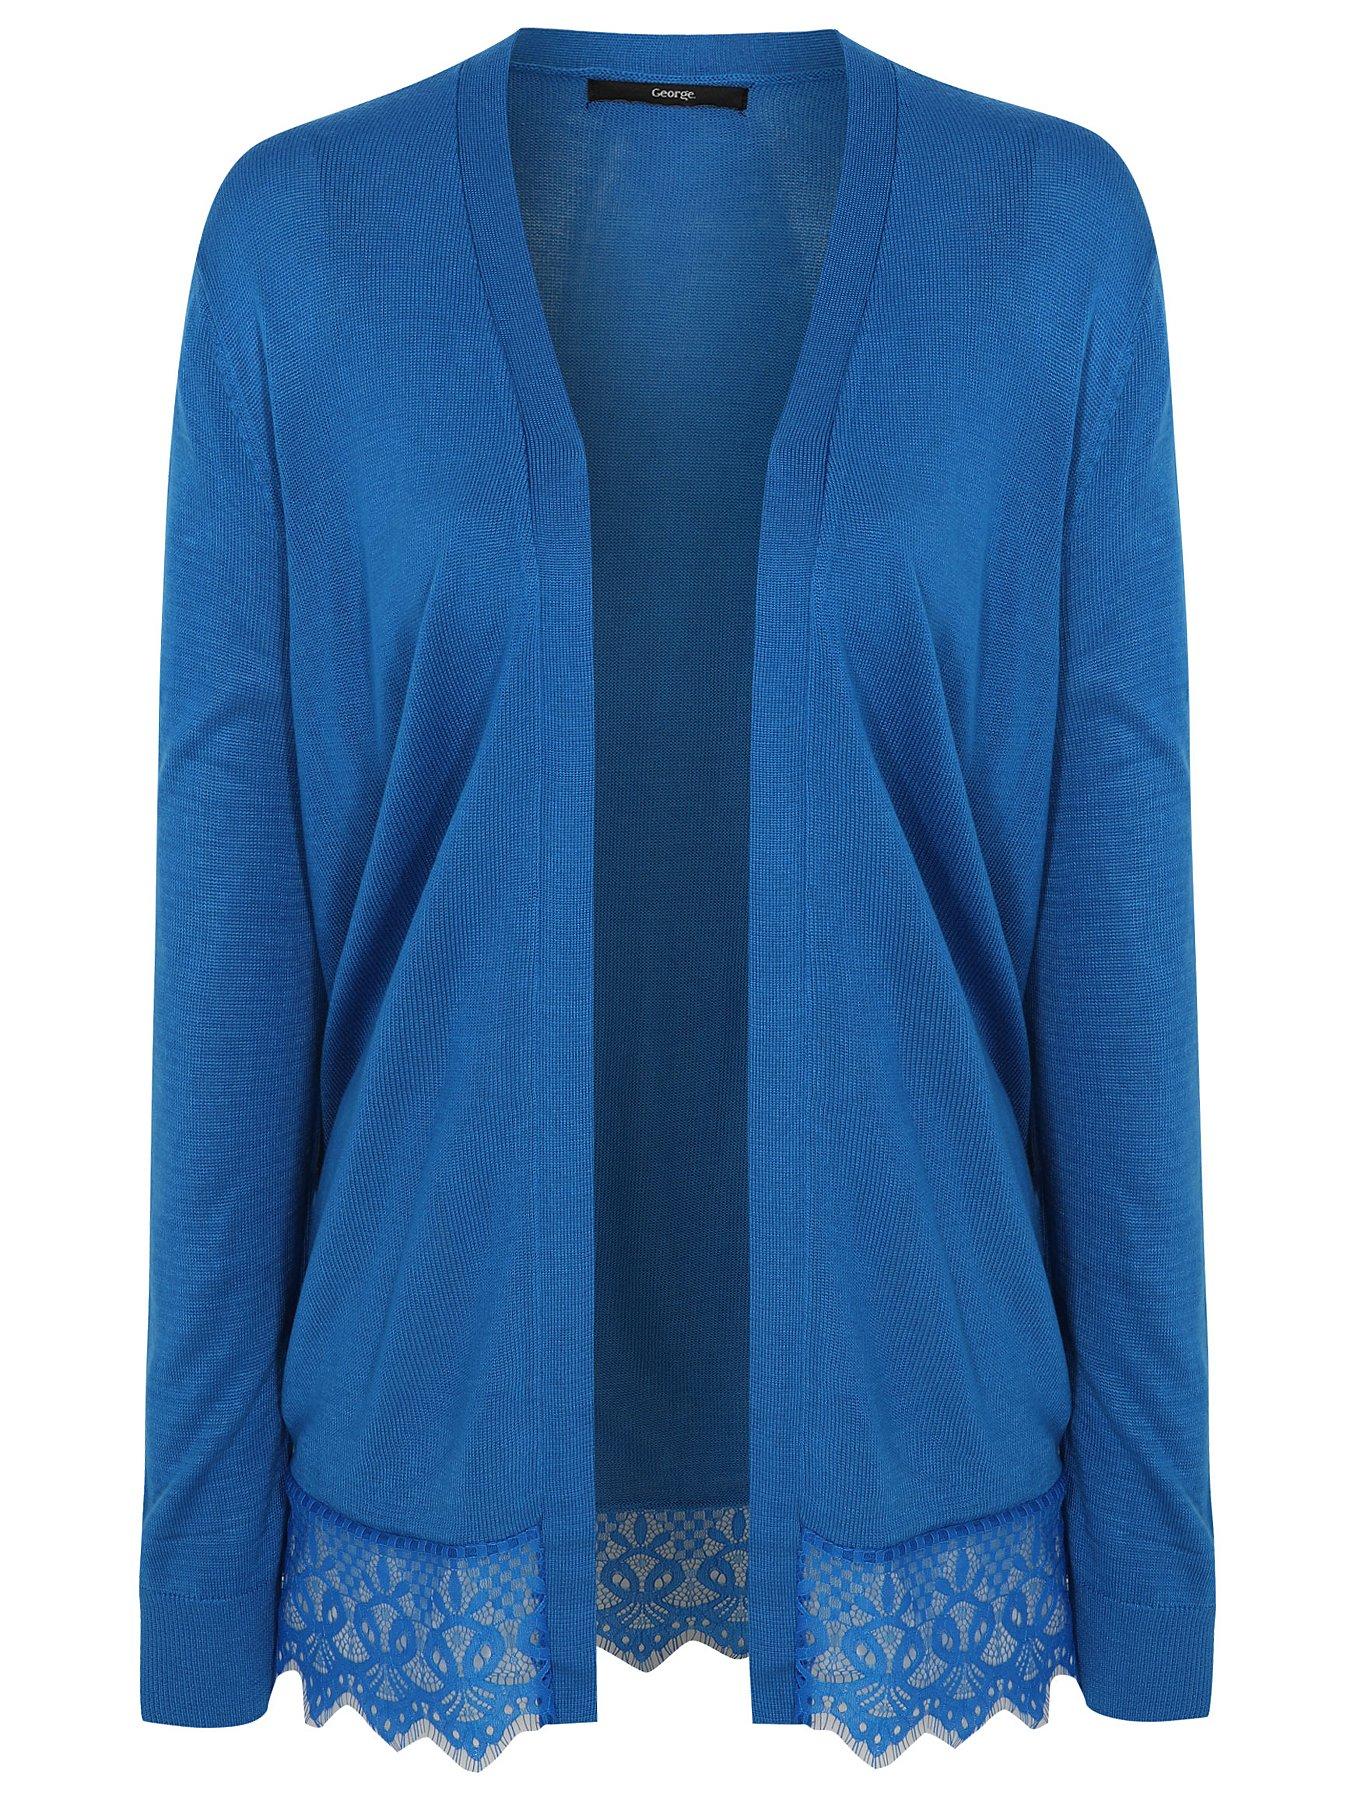 Blue Lace Hem Open Front Cardigan